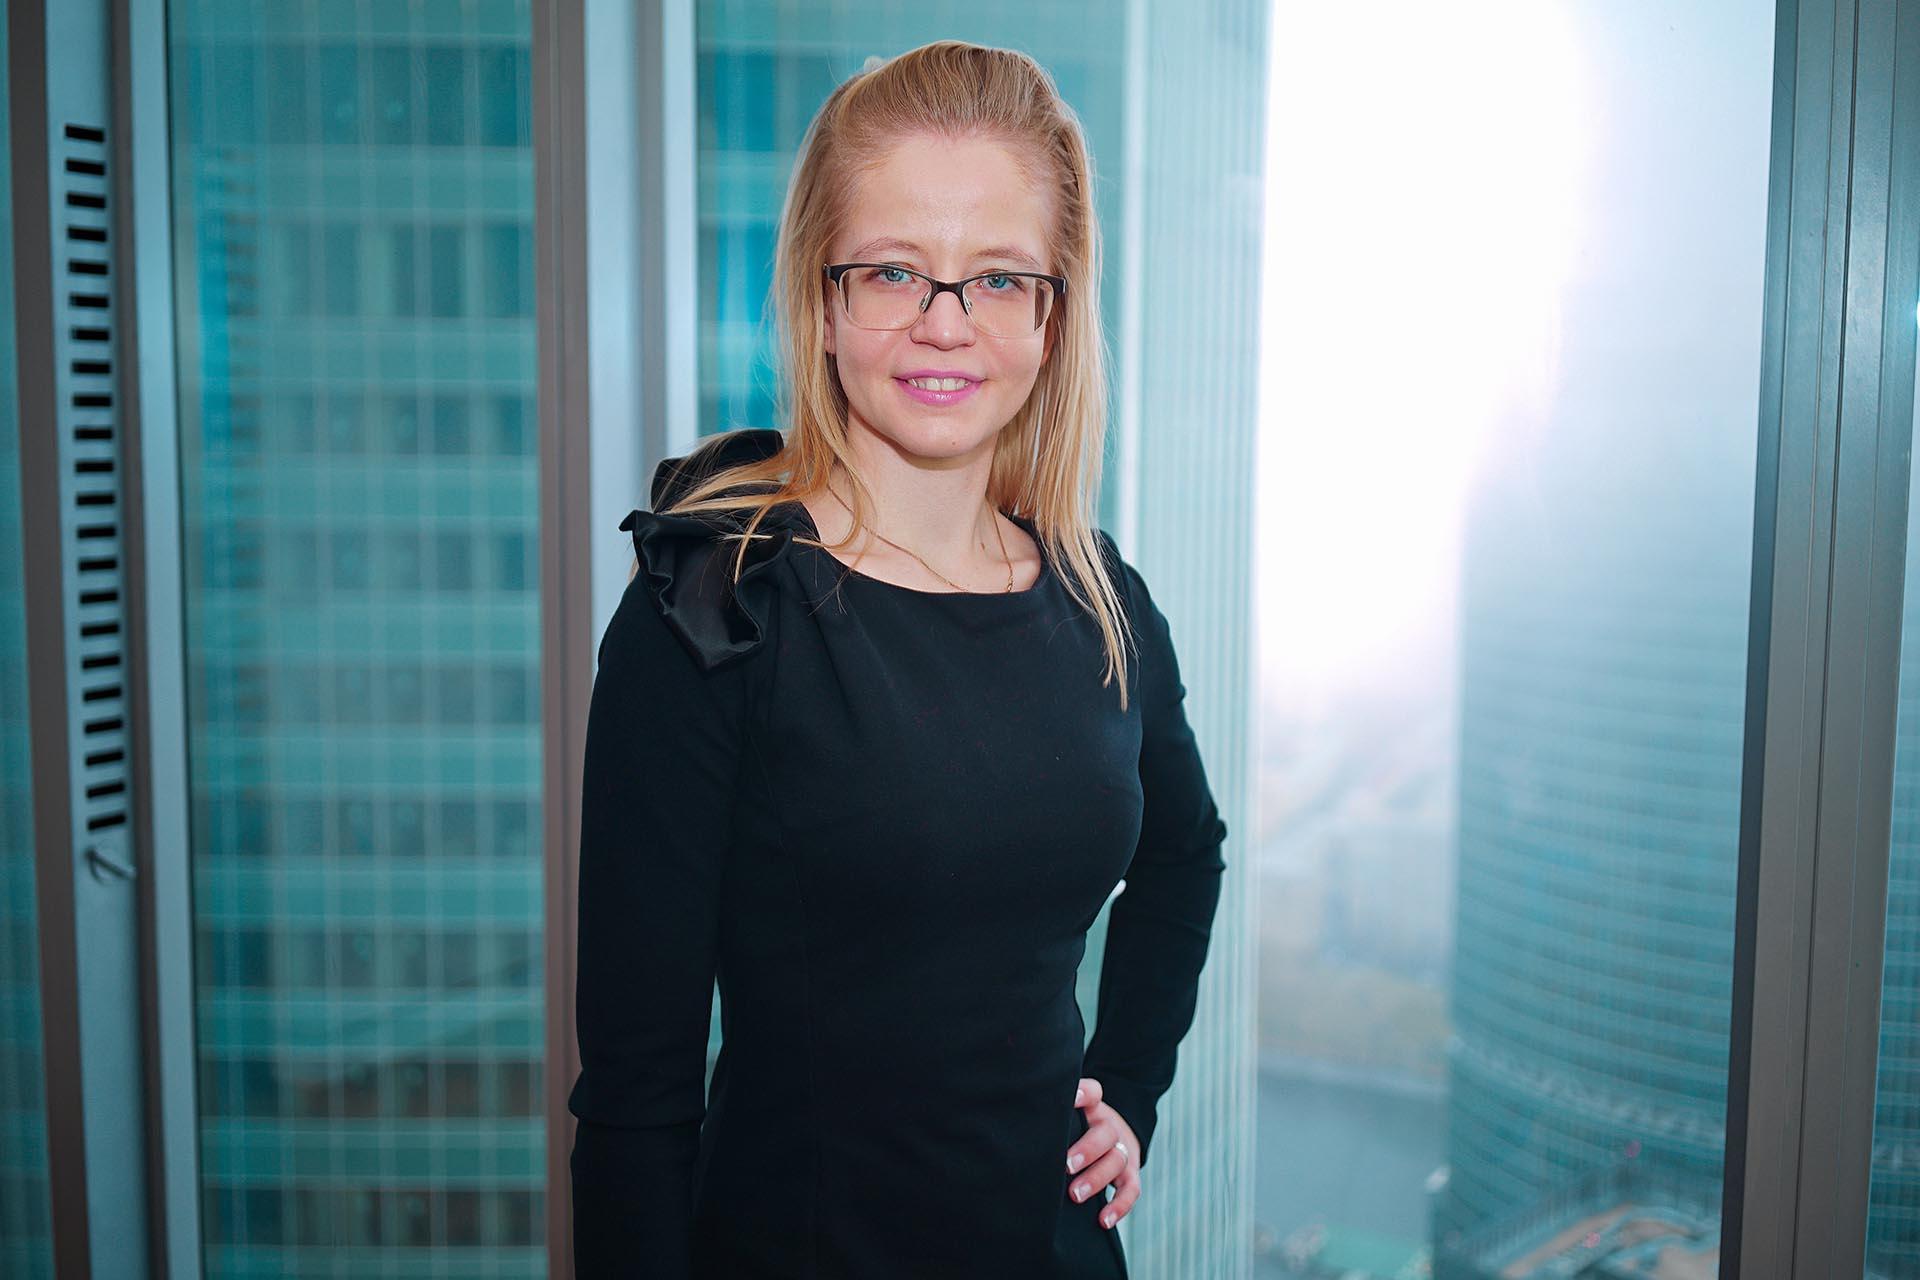 Людмила Гонтарь, эксперт International Cyber-Terrorism Regulation Project (ICTRP)